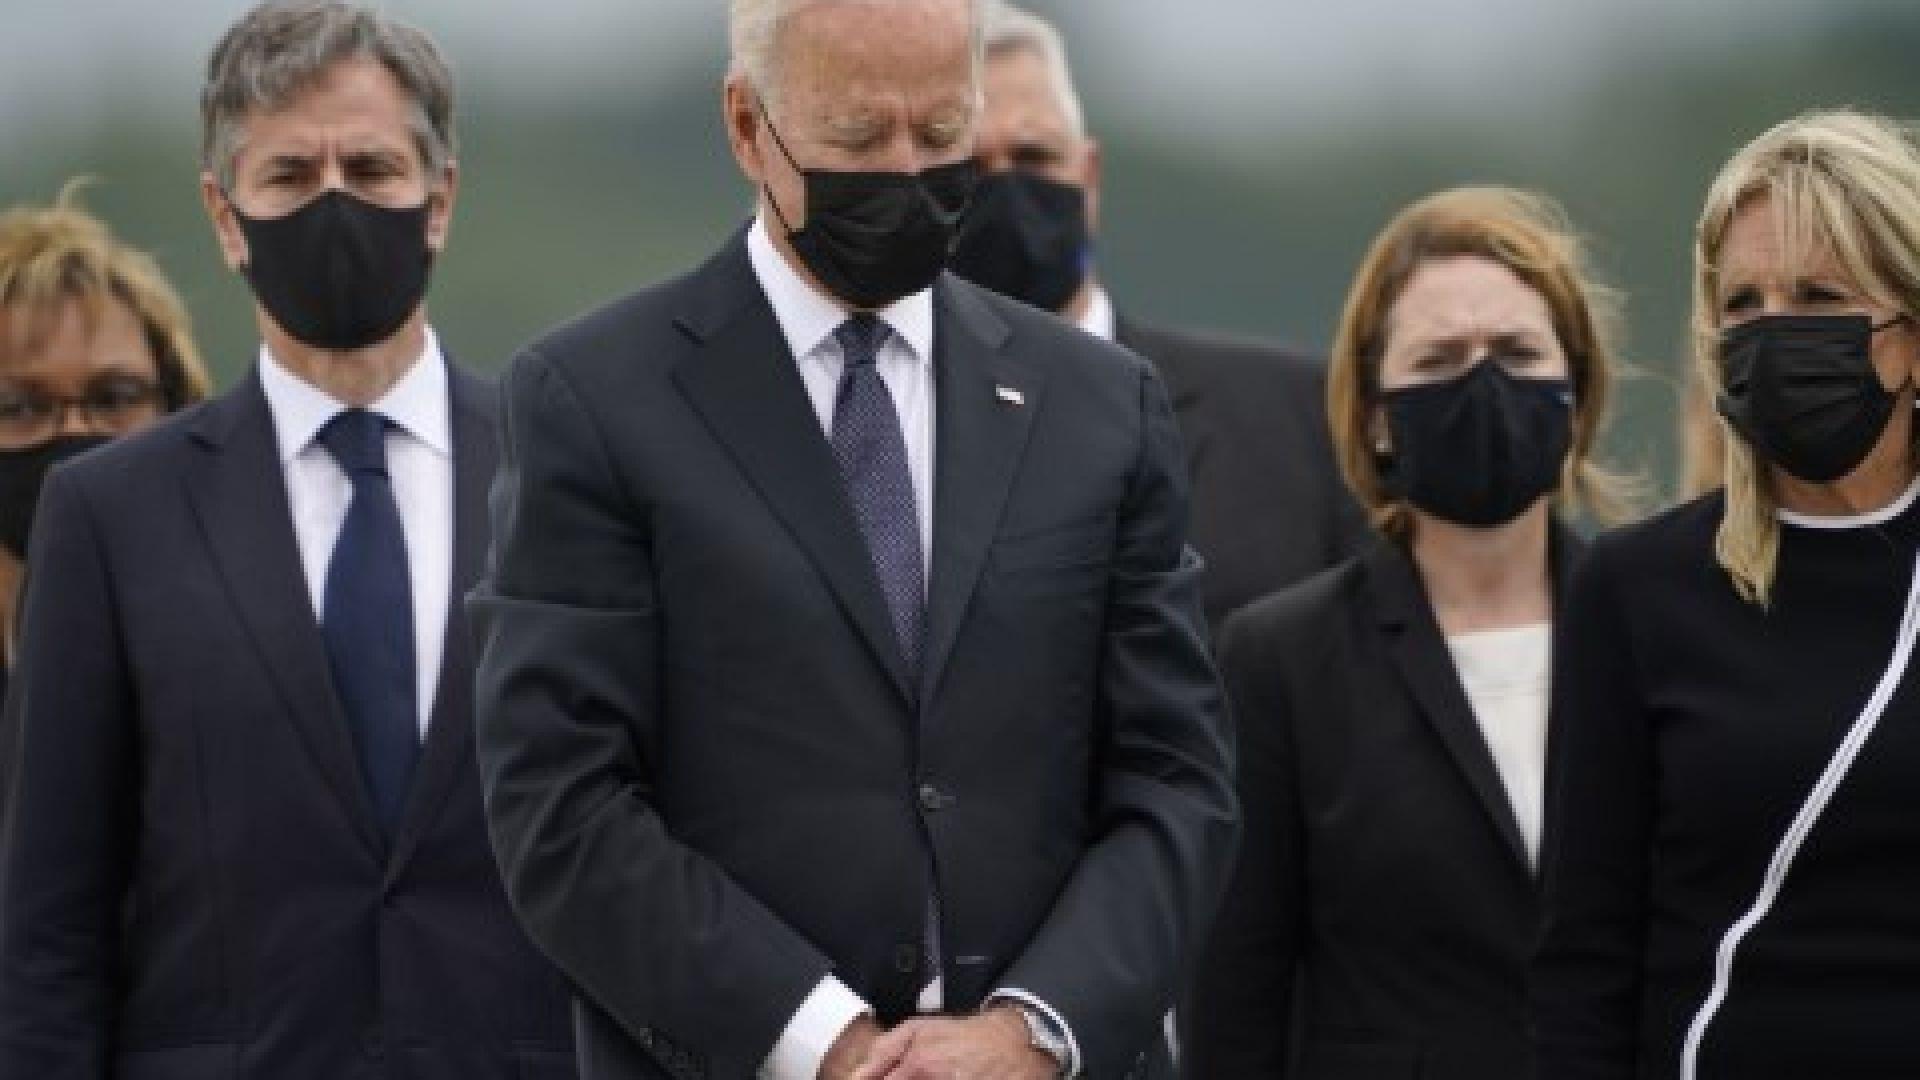 Джо Байдън, вляво държавният секретар Антъни Блинкен, вдясно съпругата на президента Джил, отдават почит на загиналите 13 американски военни при атентата до кабулското летище